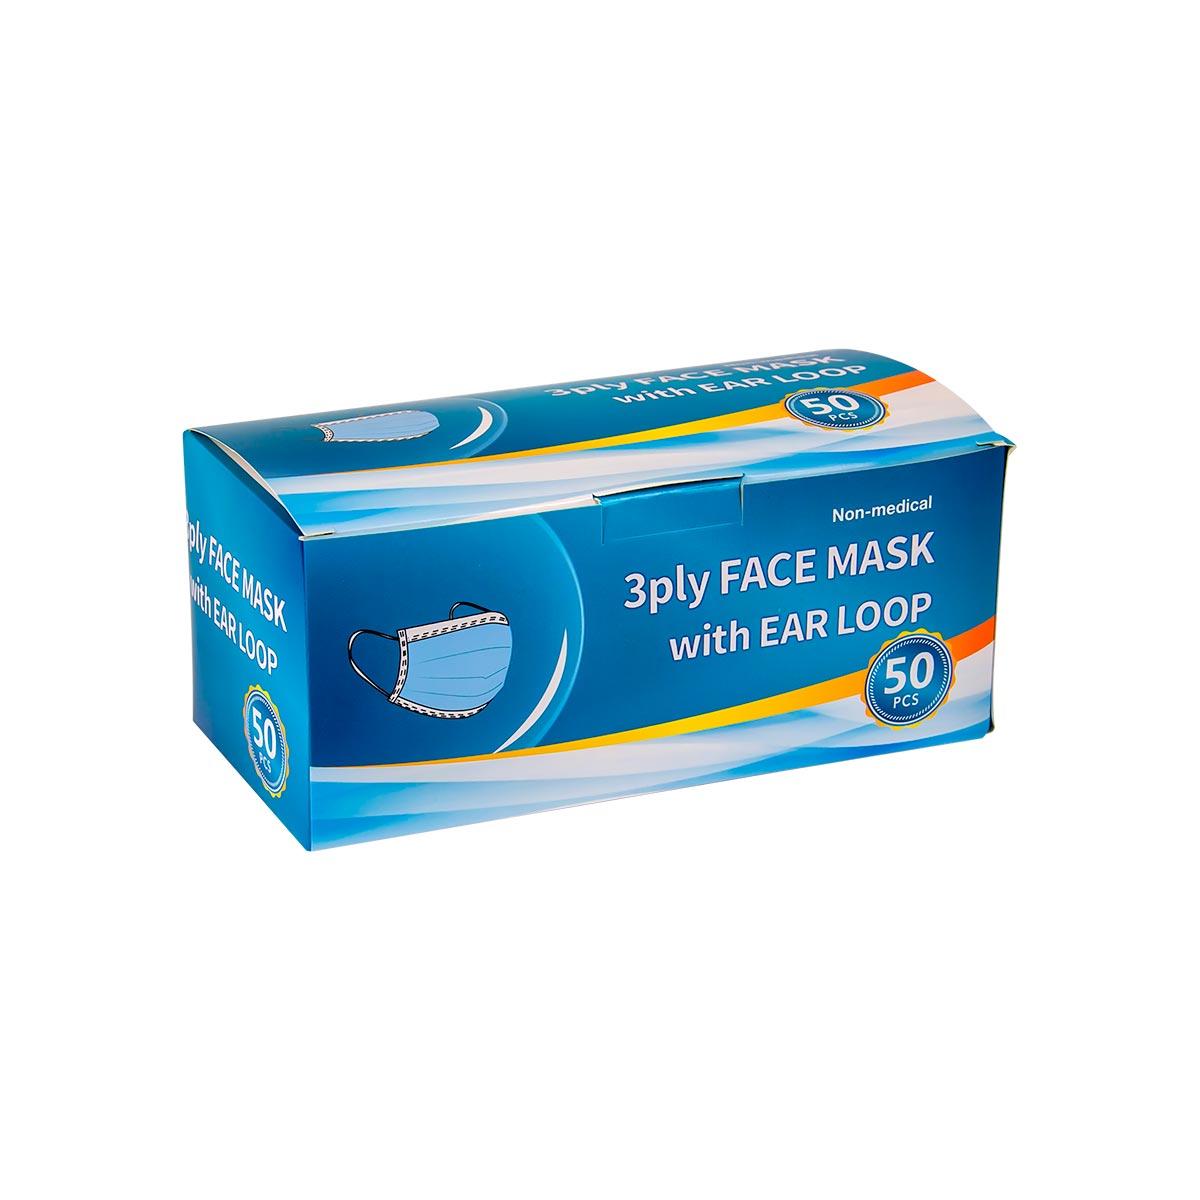 كمام الوجه , للوقاية من الأمراض والغبار 50 حبه , 3 طبقات رقم 7979